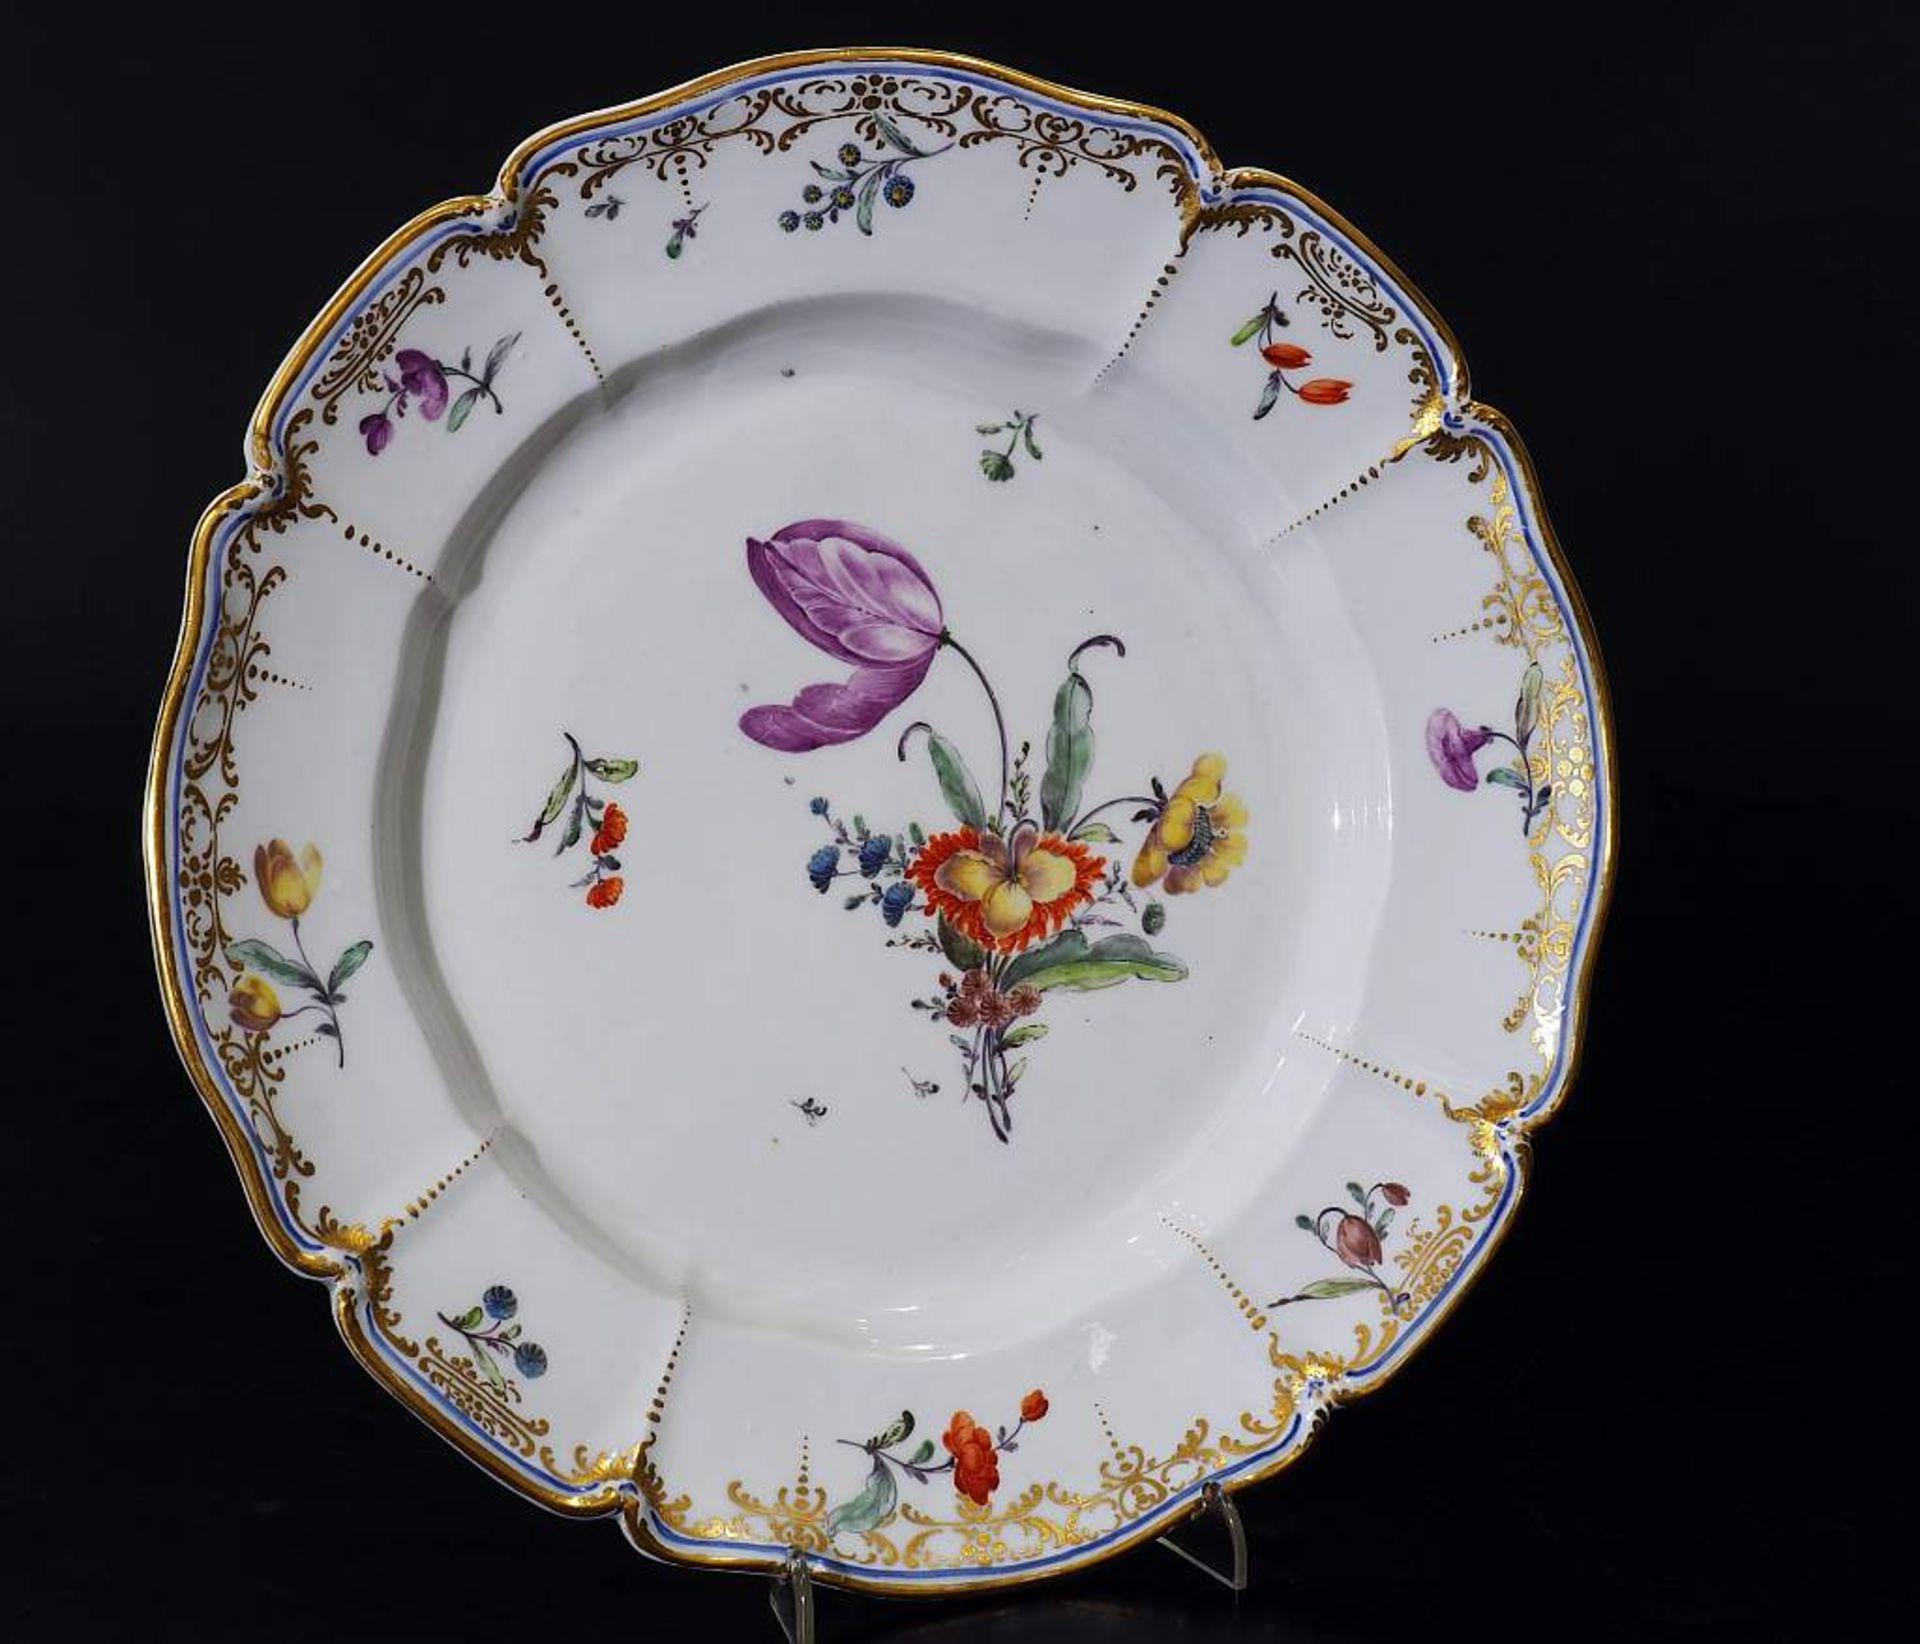 Zierteller. NYMPHENBURG 18. Jahrhundert. Zierteller. NYMPHENBURG 18. Jahrhundert. Teller aus dem - Bild 2 aus 6